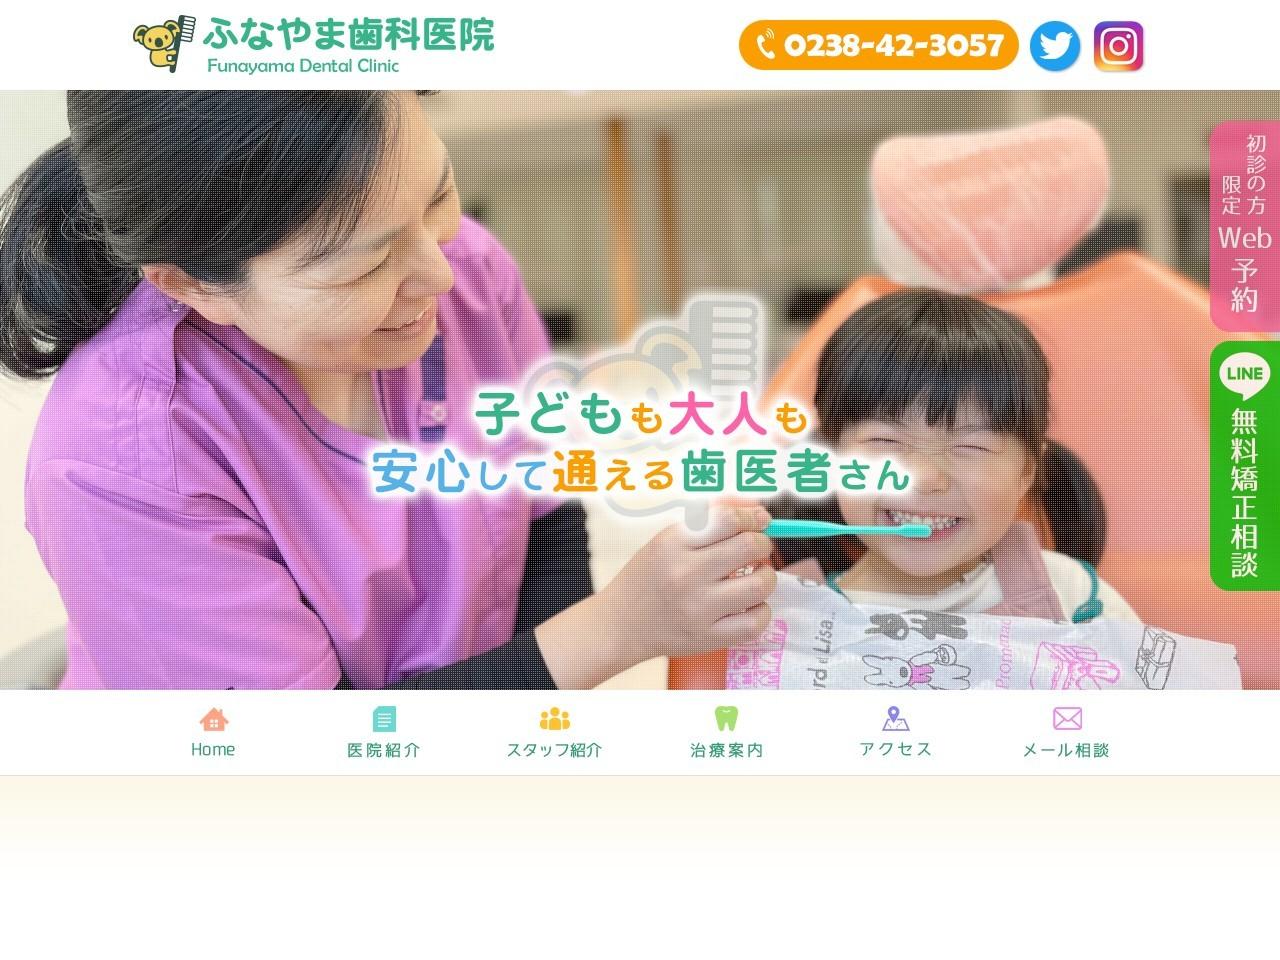 ふなやま歯科医院 (山形県東置賜郡川西町)